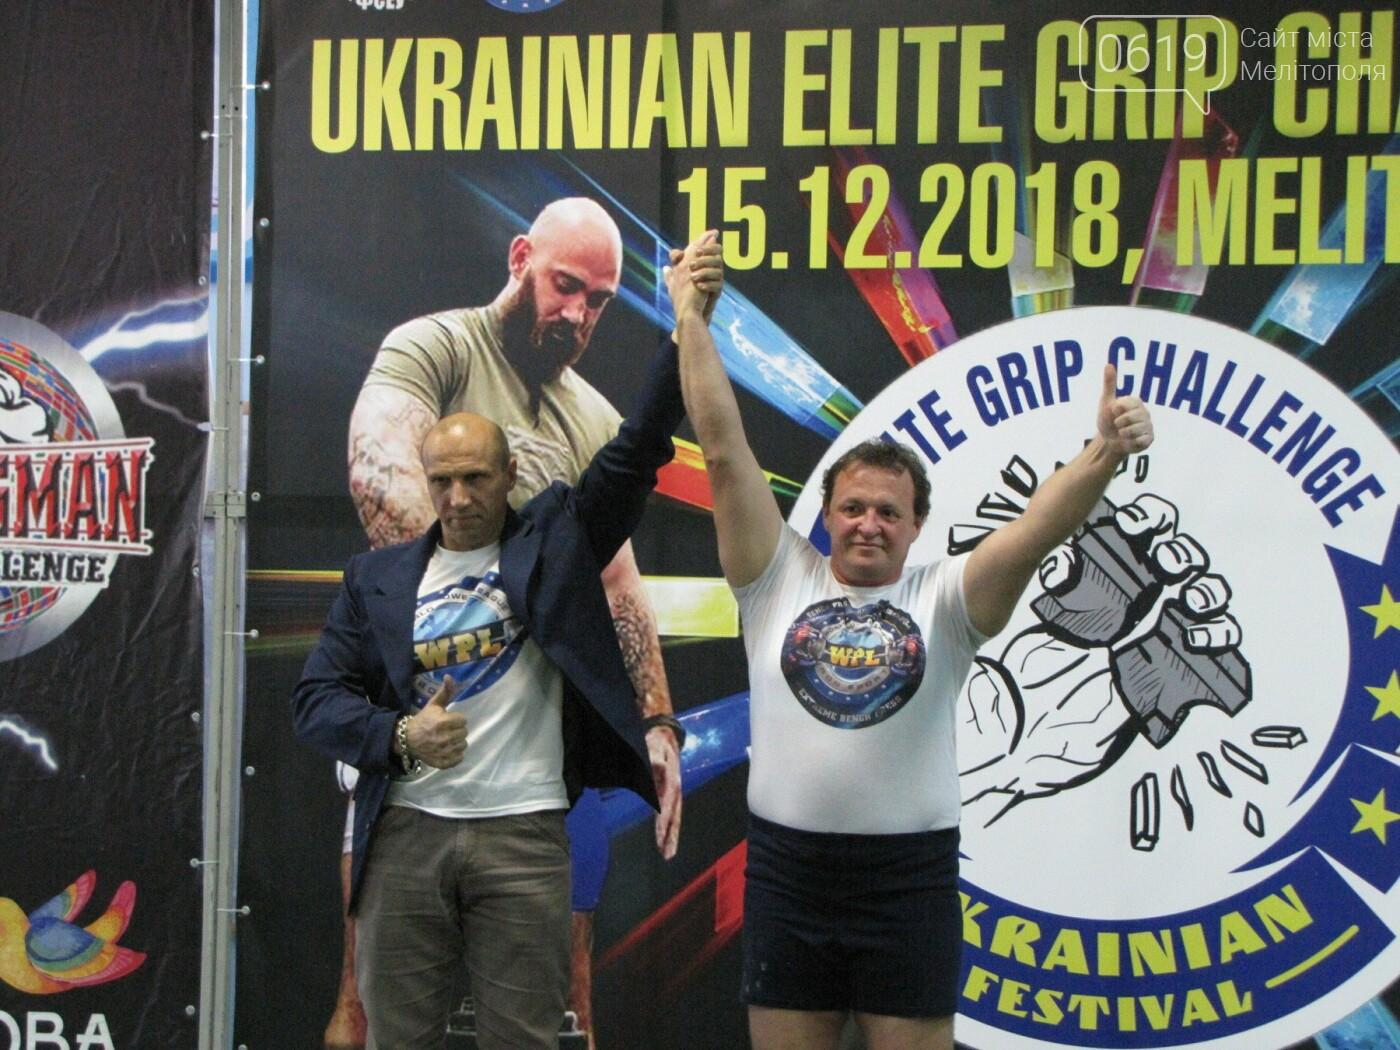 В Мелитополе сильнейшие атлеты соревновались в силе хвата, фото-17